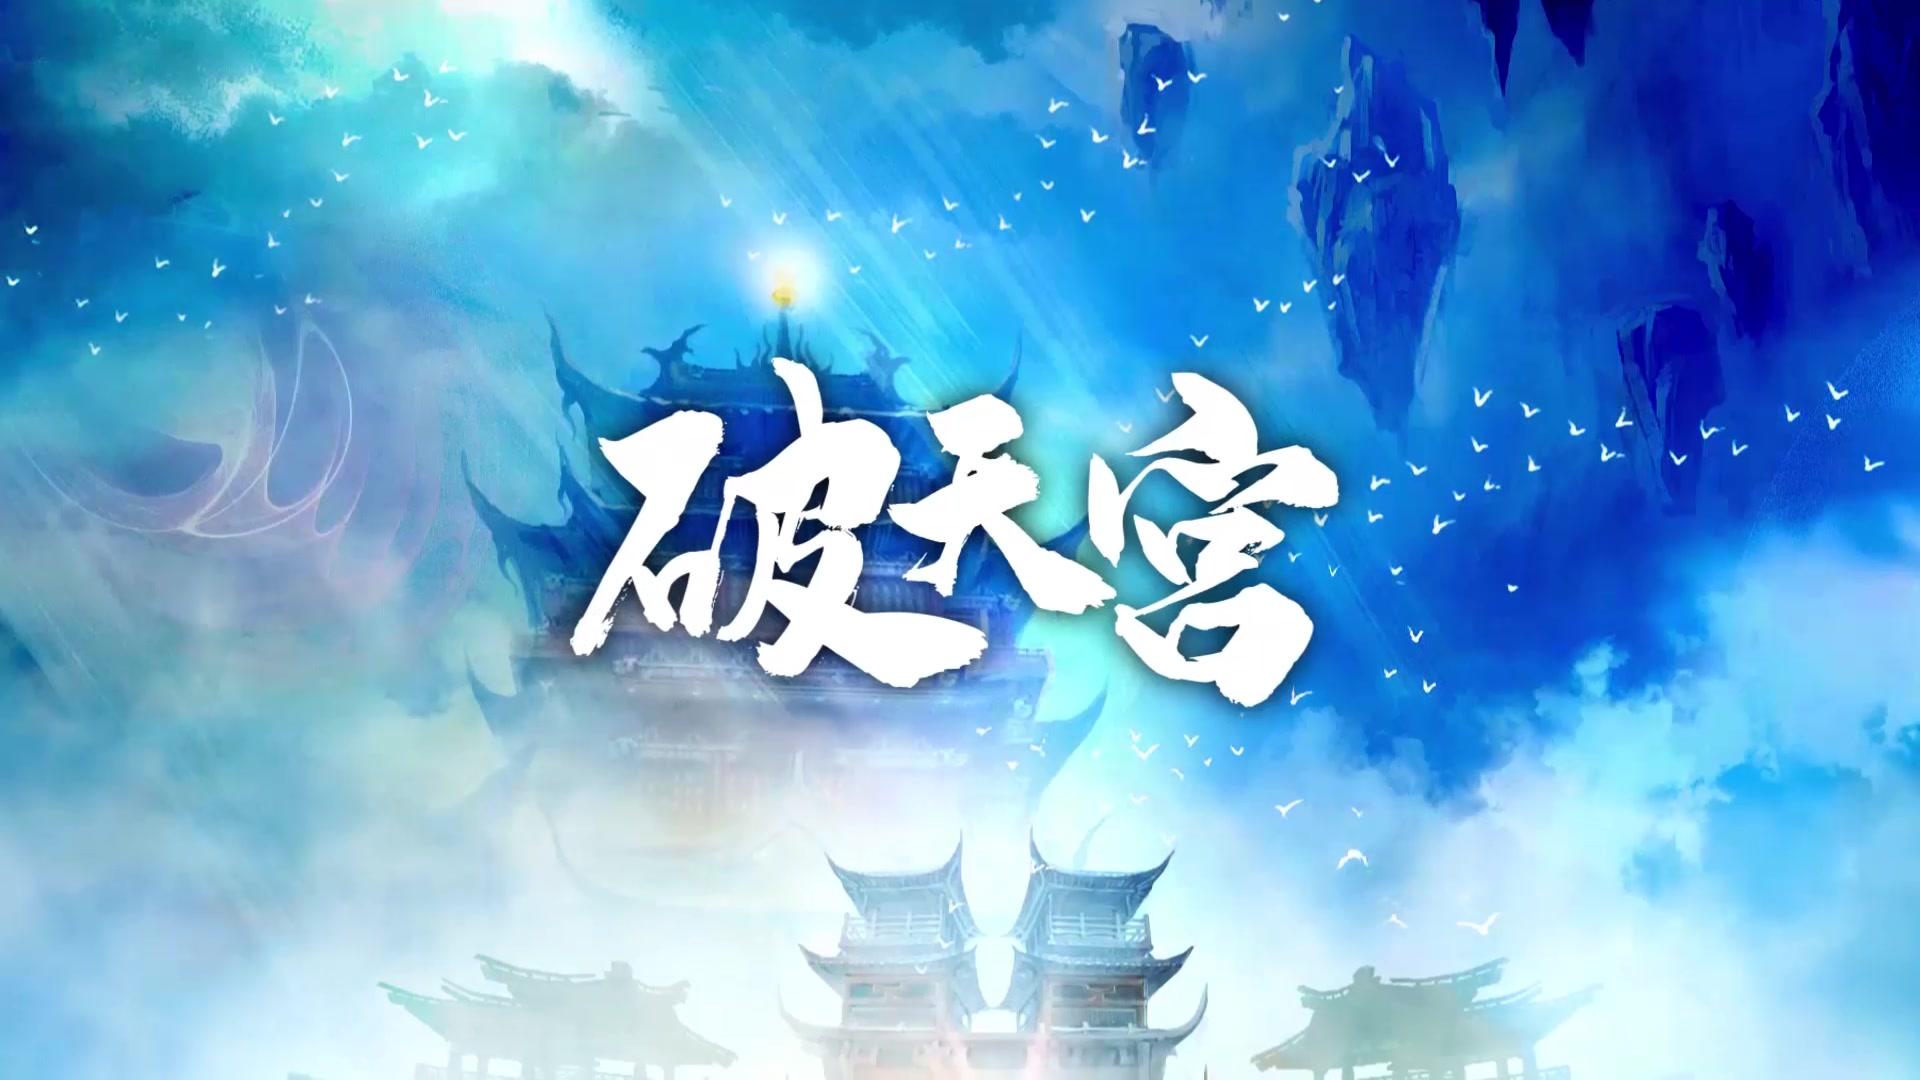 《天命西游》主题曲《破天宫》震撼首发!